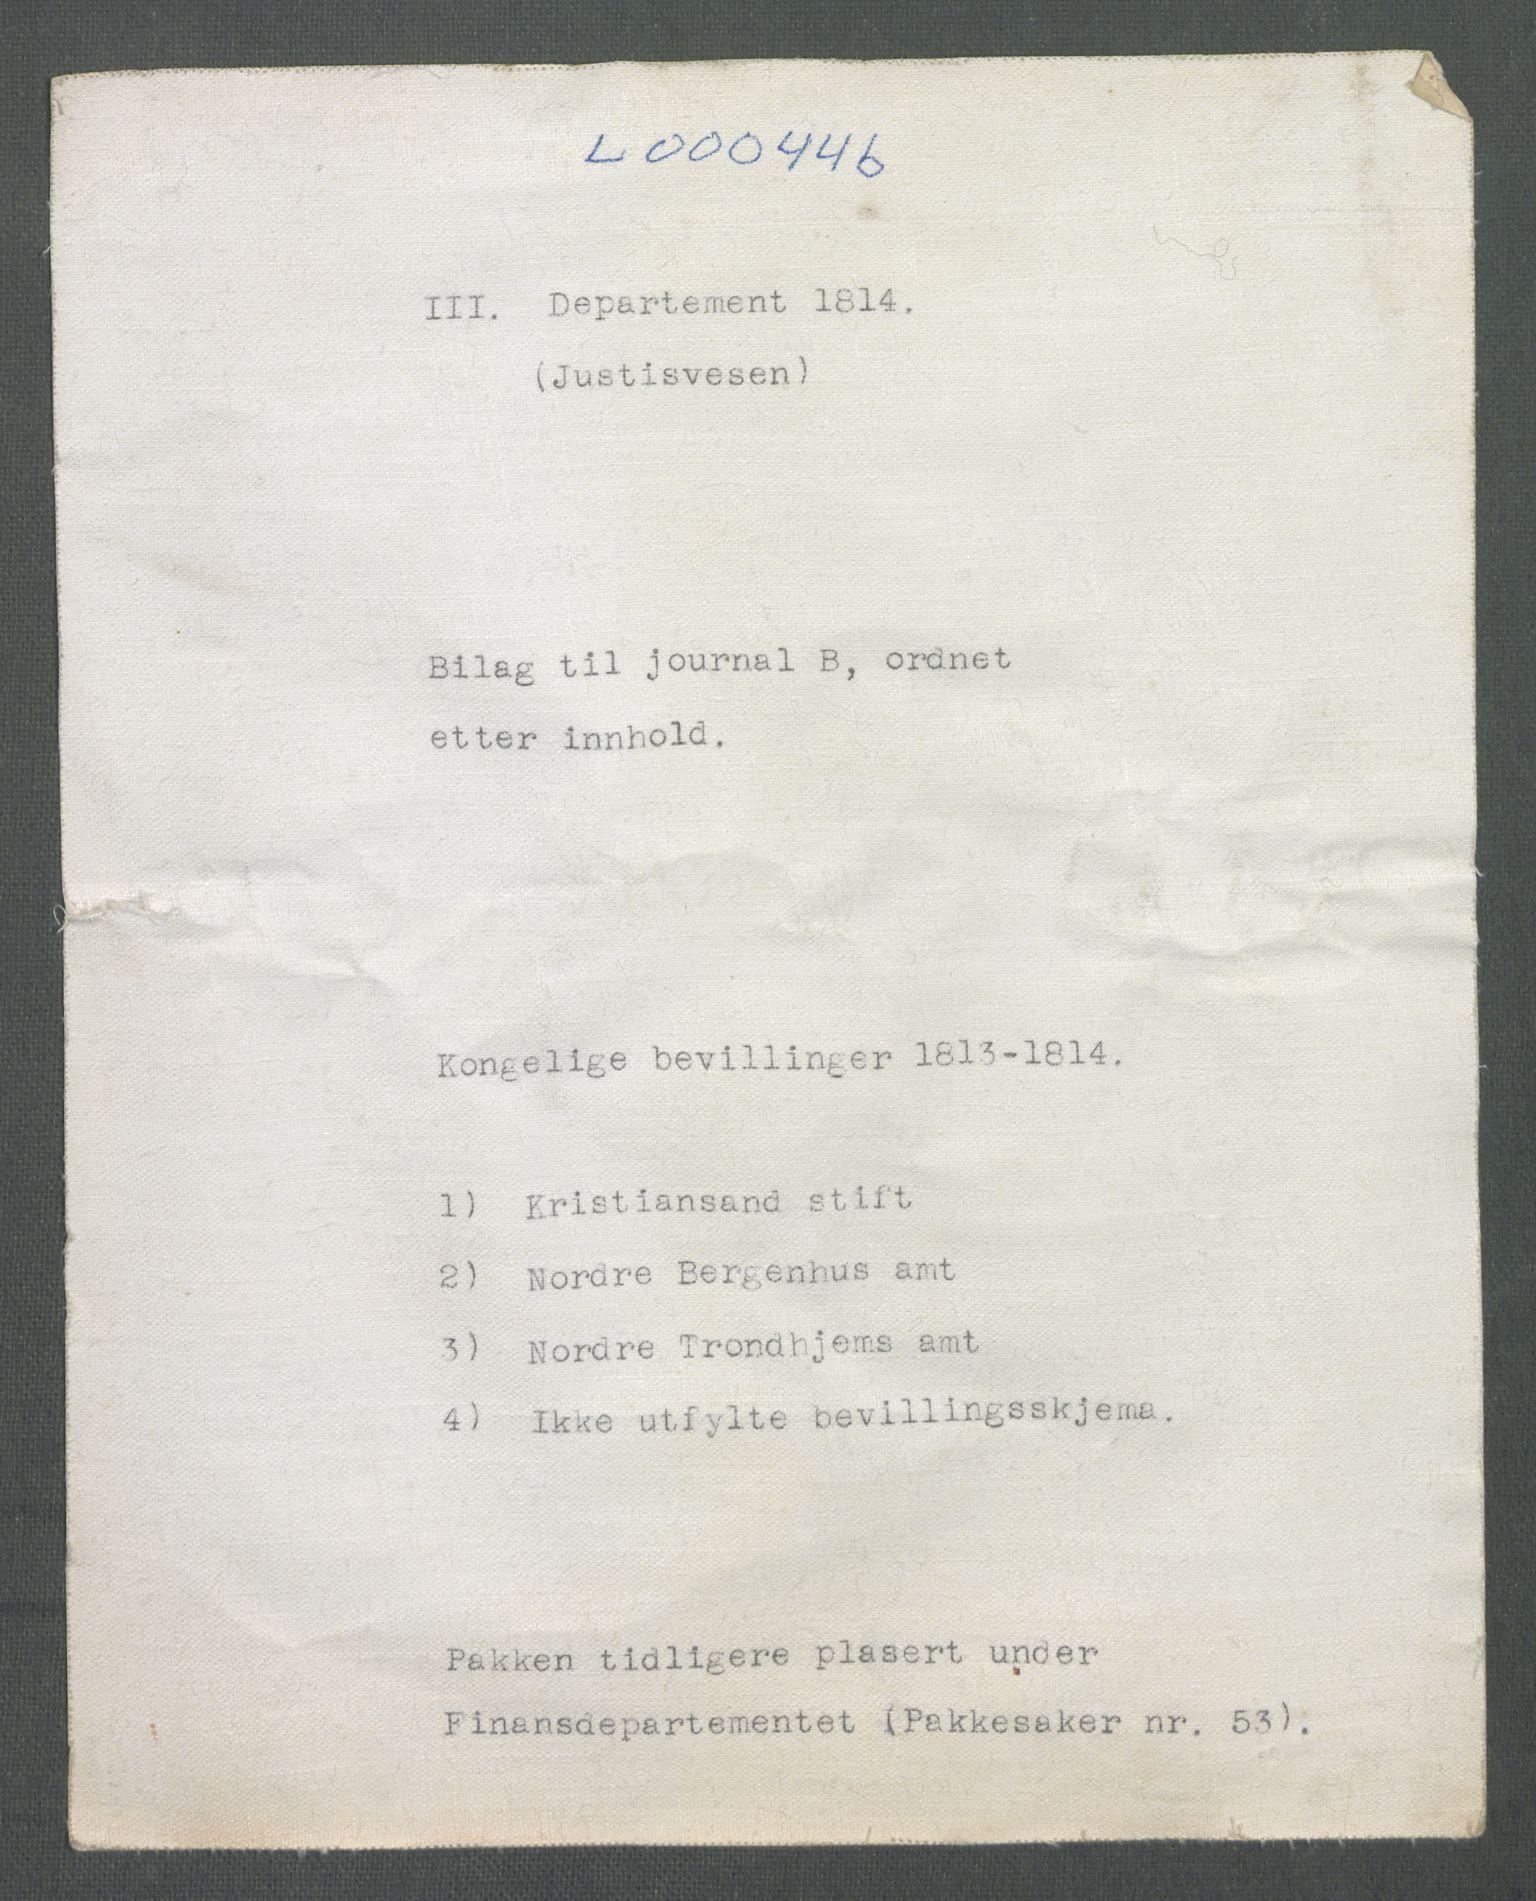 RA, Departementene i 1814, Fc/L0044: Journalsaker B 451-908, 1813-1814, s. 2